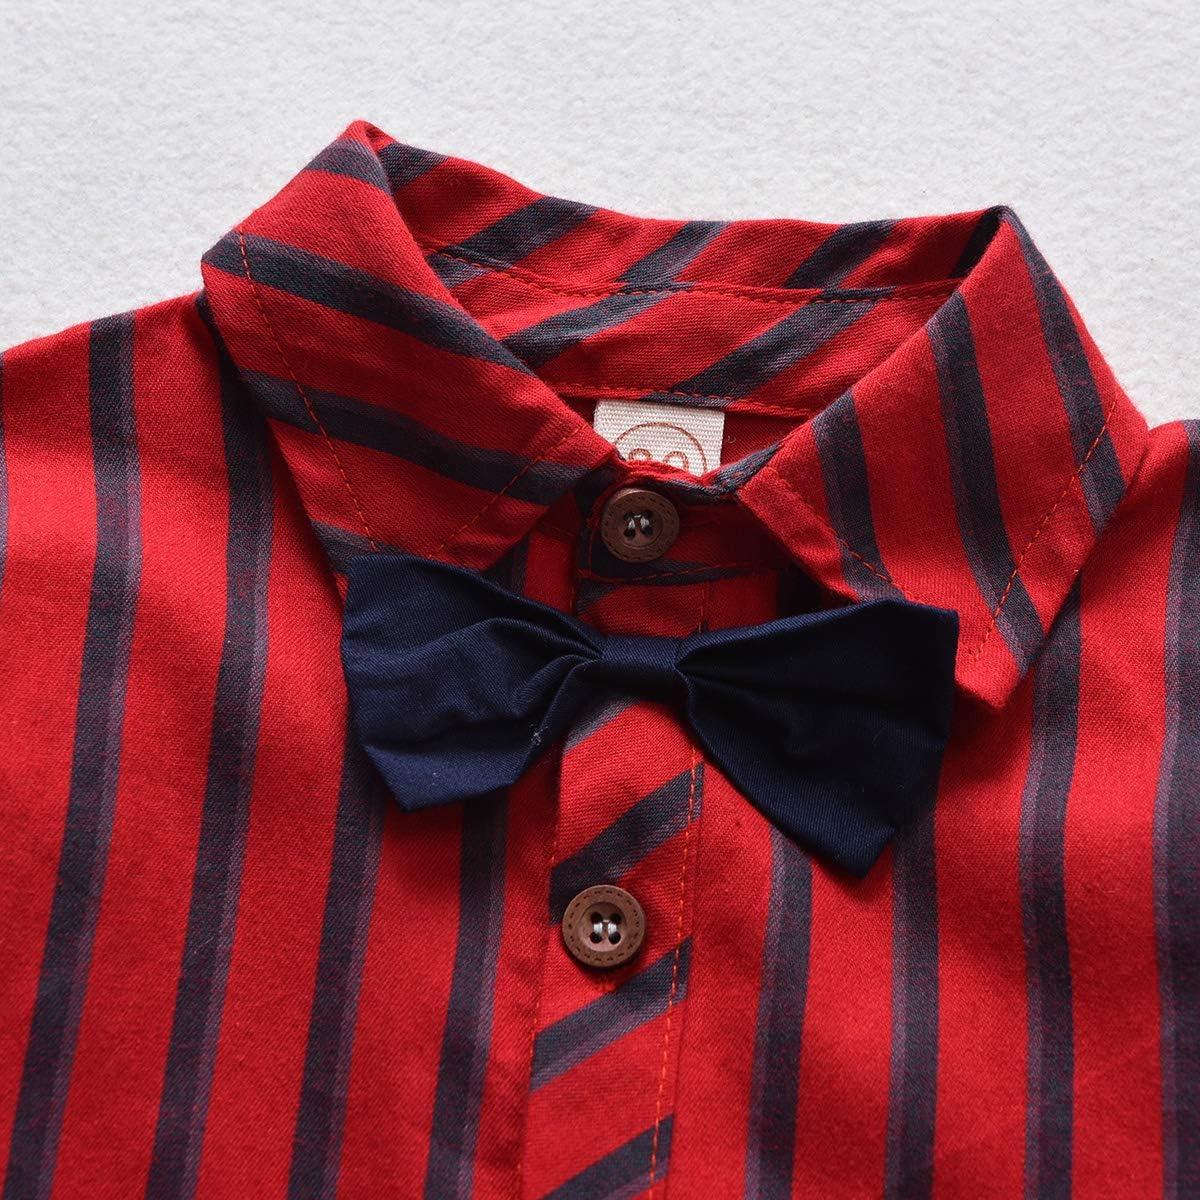 DaMohony Camisa de Rayas para niños + Pantalones de Tirantes Trajes de Caballero Pajarita para niños Ropa Traje 0-6 años Rojo Negro: Amazon.es: Ropa y accesorios